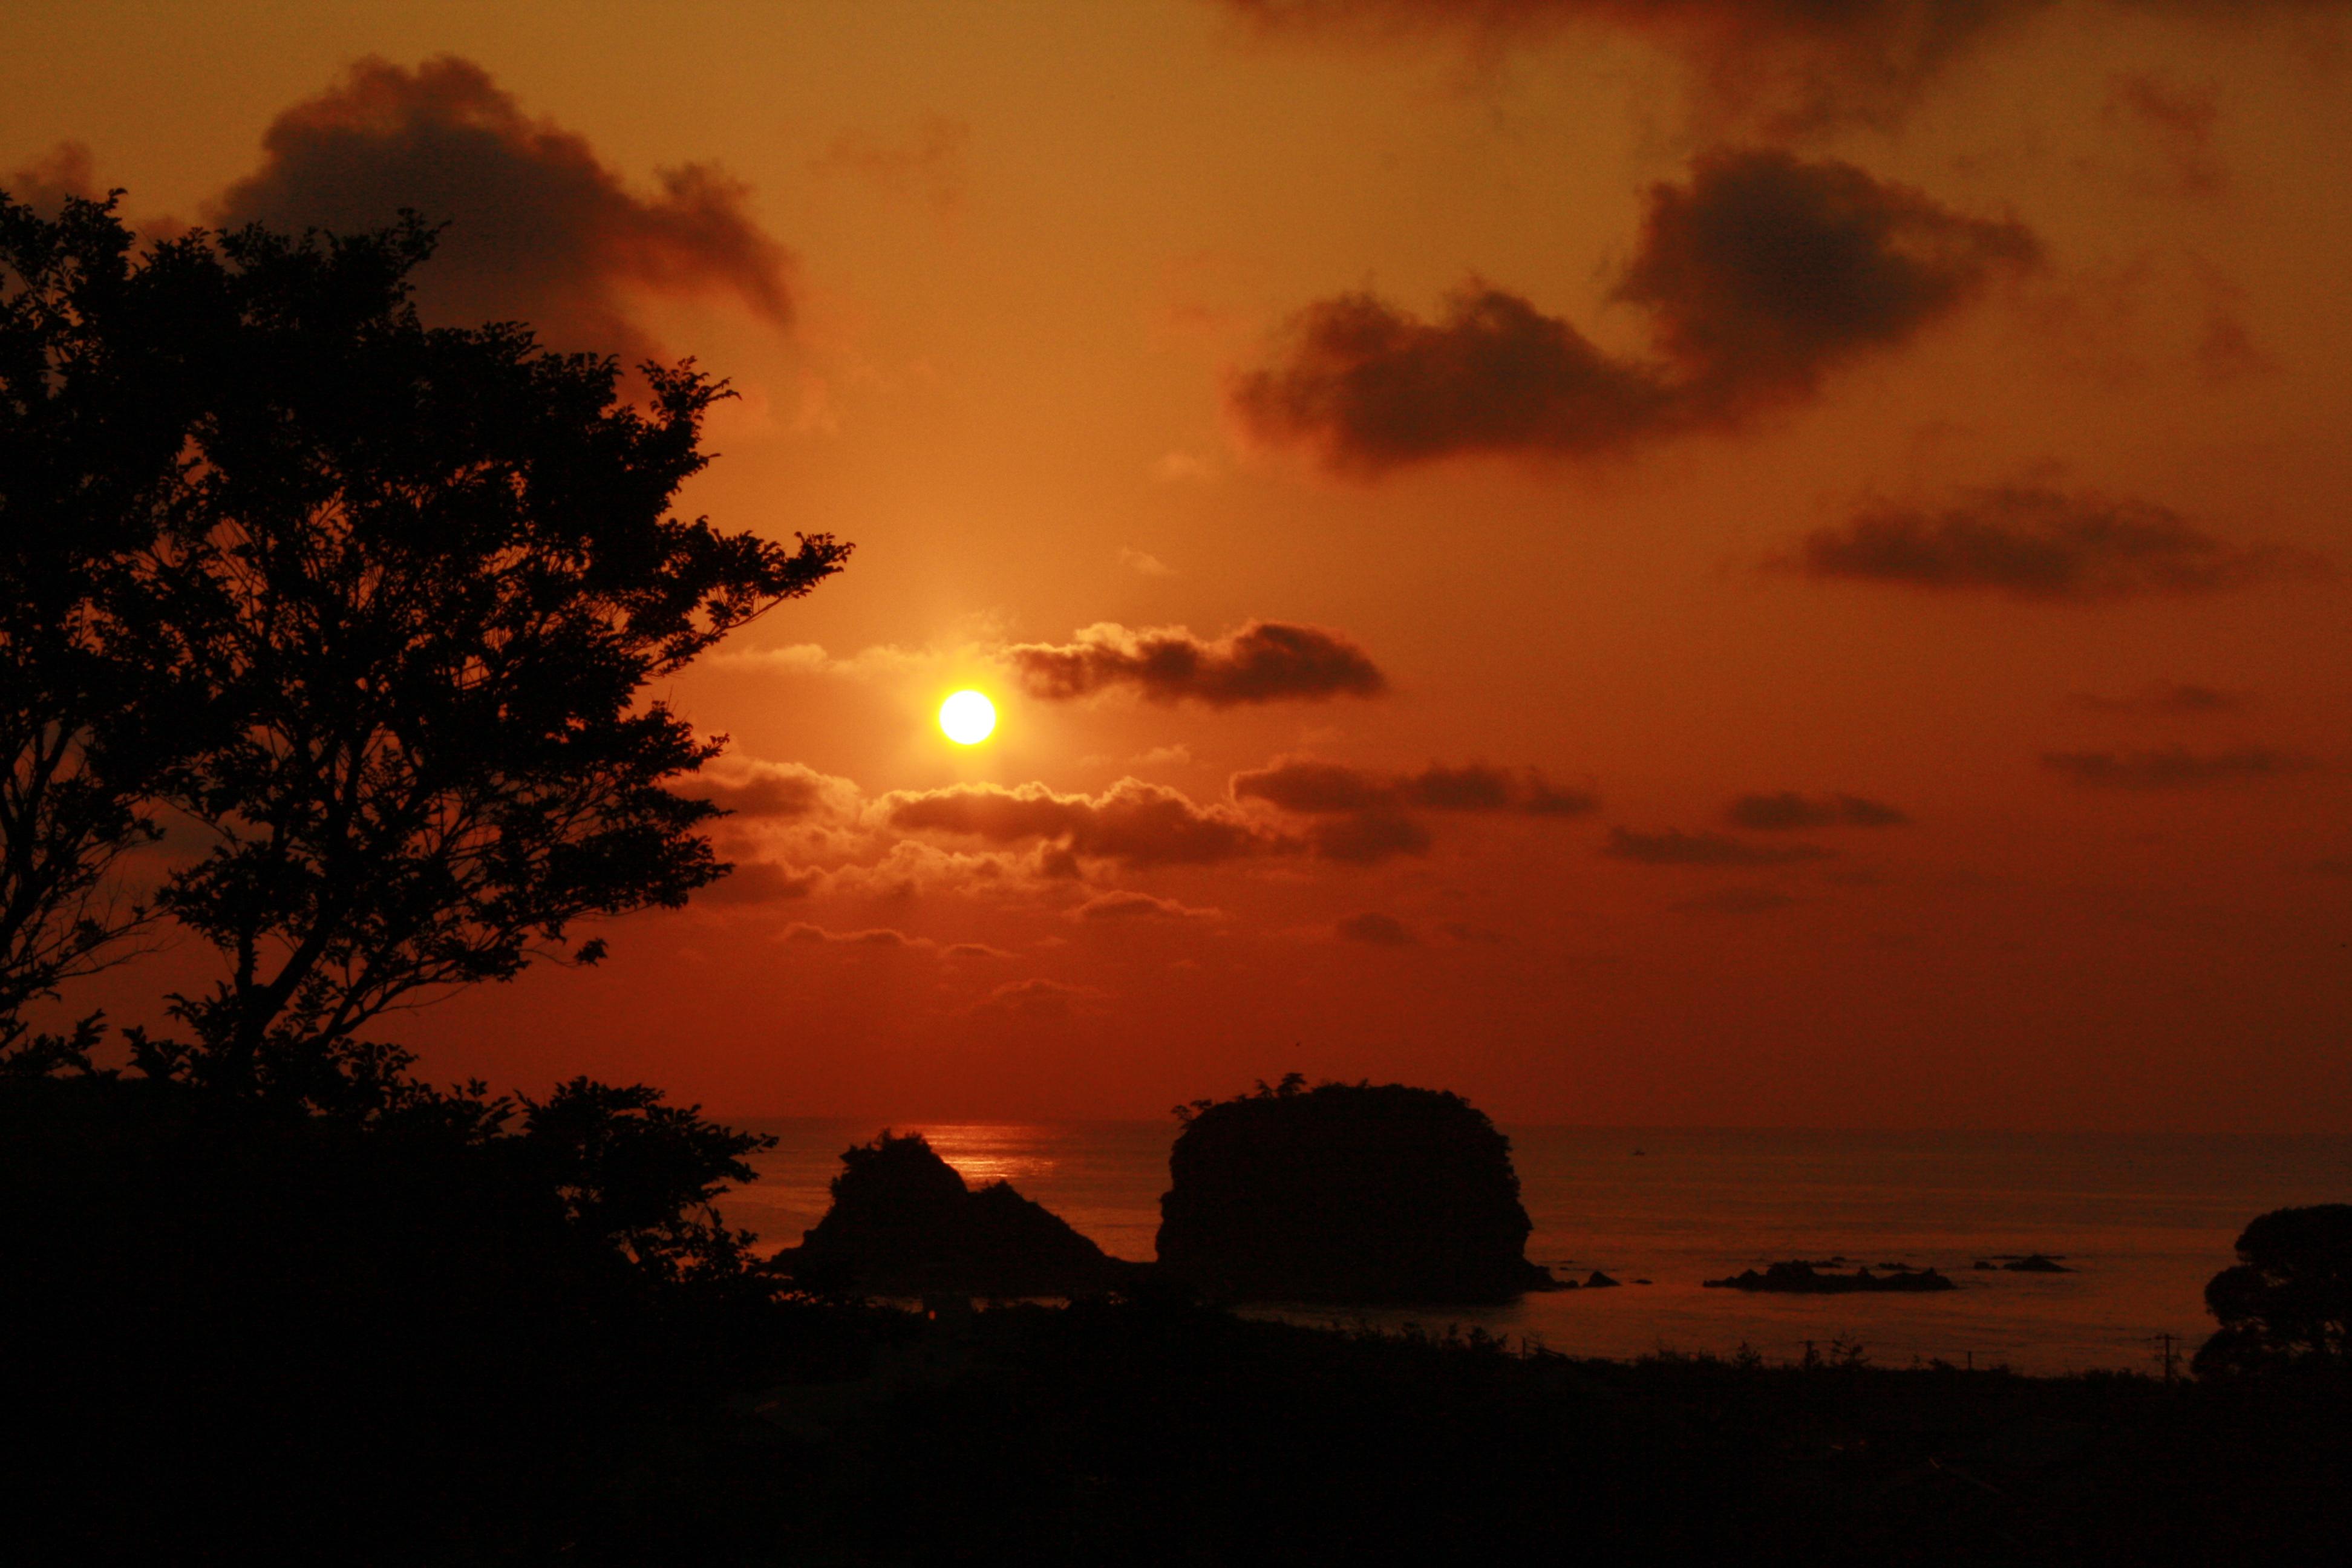 宇川温泉のウッドデッキから見える夕日